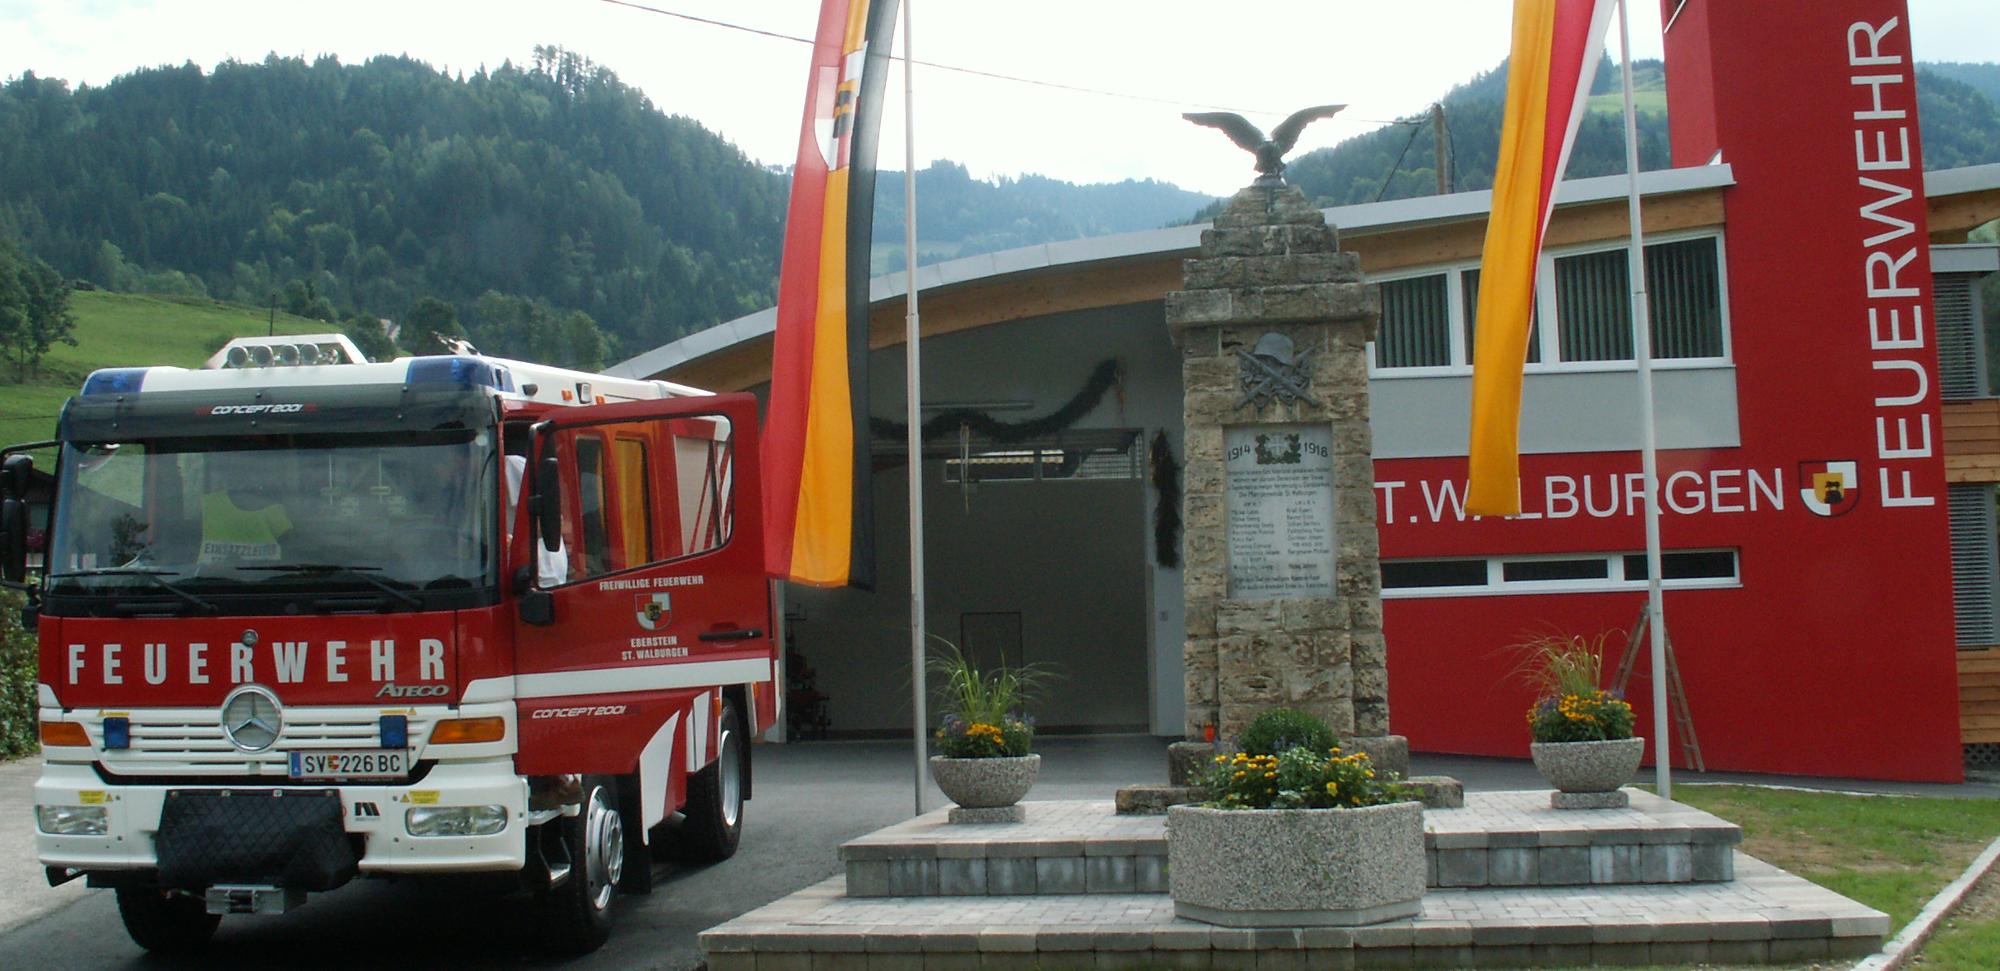 FF St. Walburgen